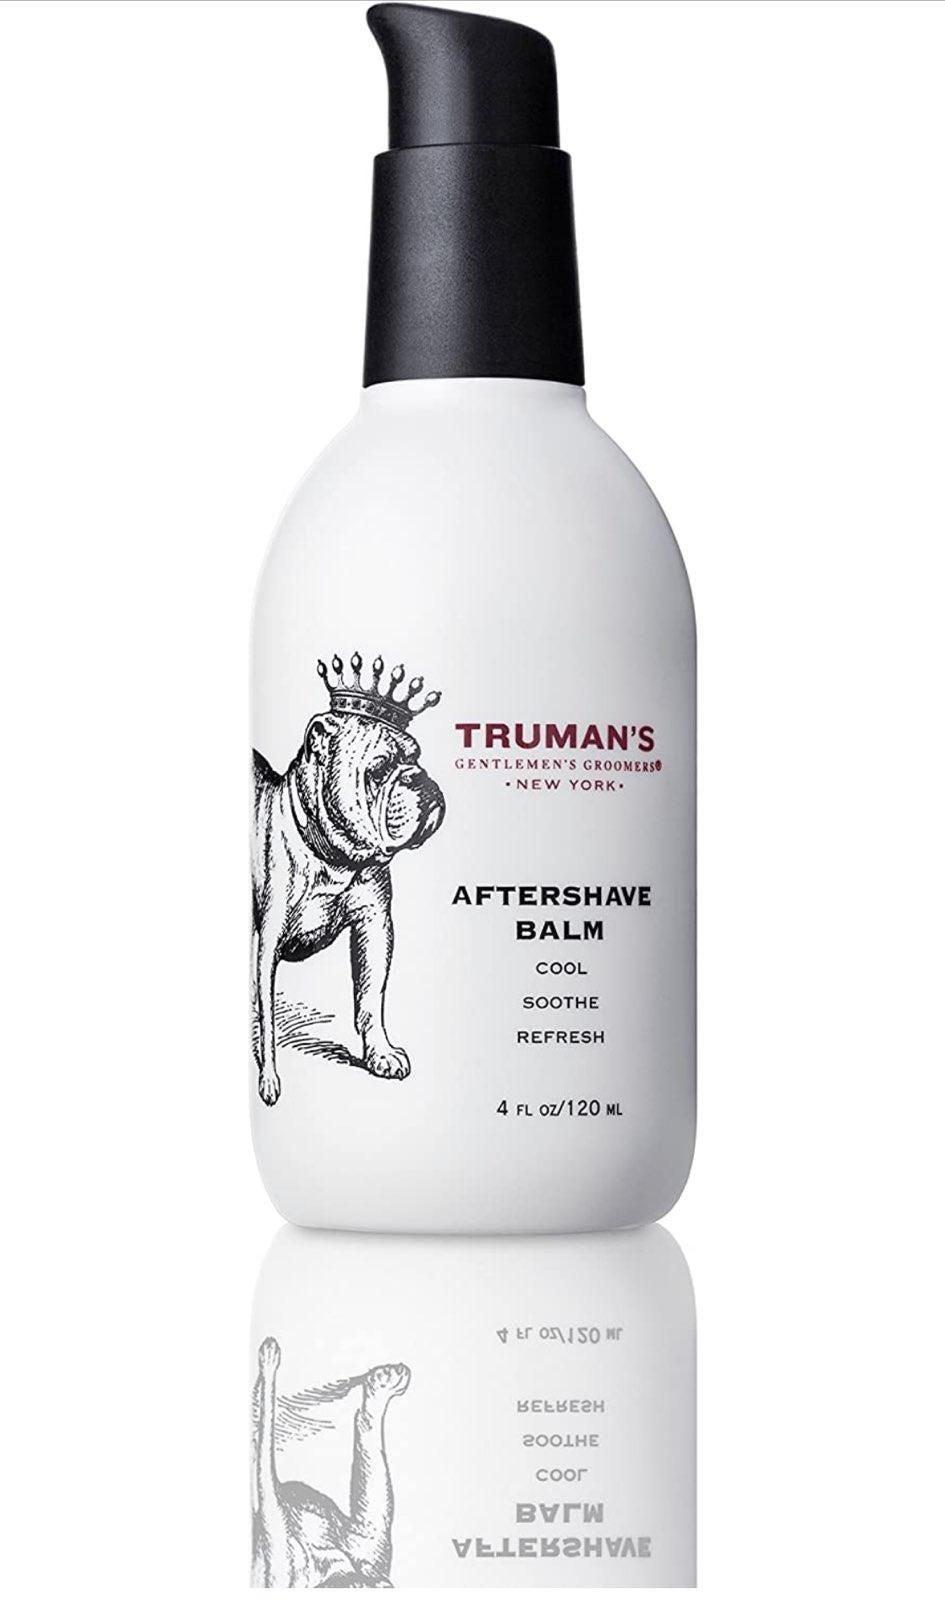 Truman's Men's Aftershave Balm 4 fl oz